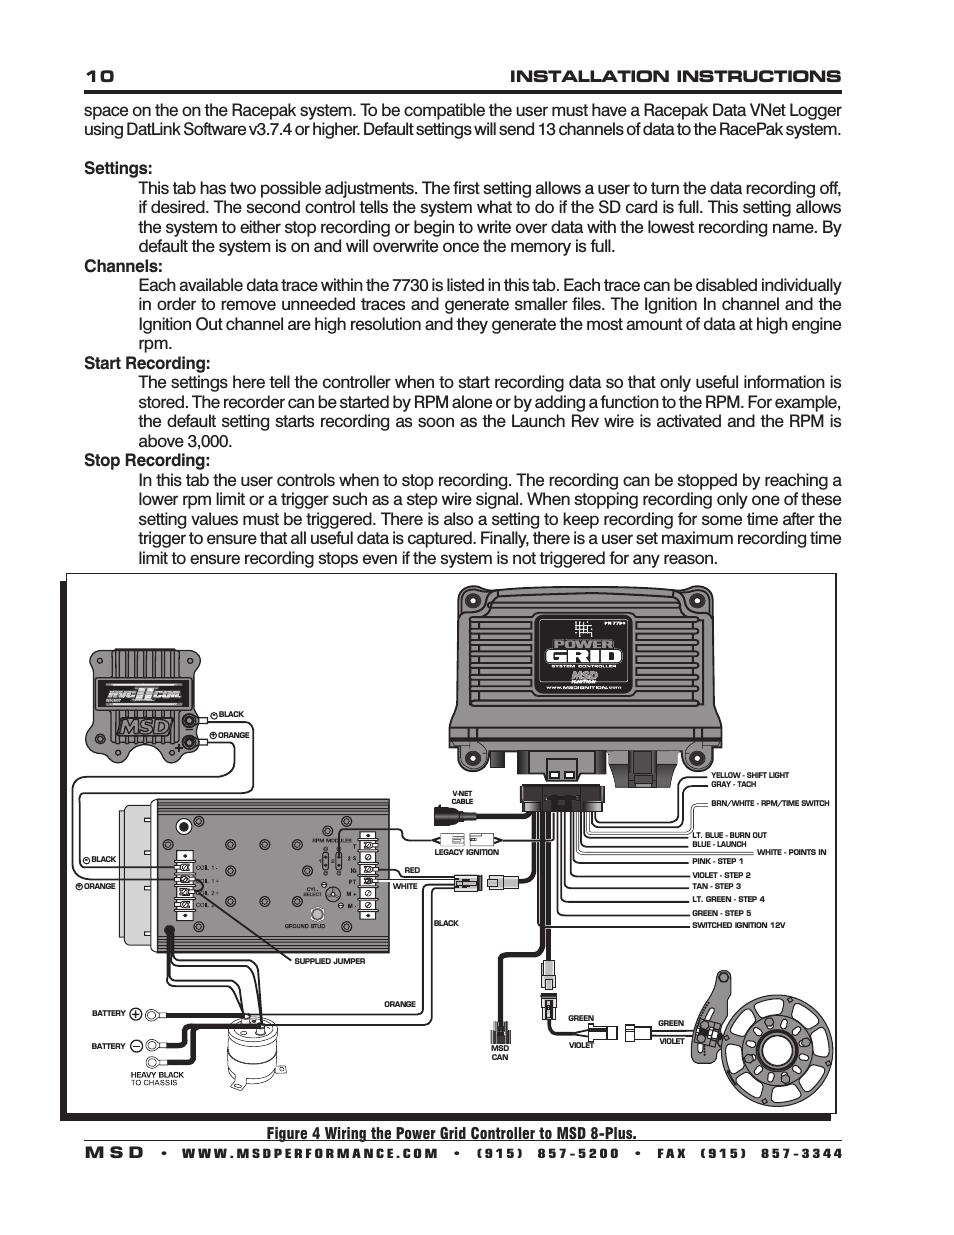 msd power grid wiring diagram schema diagram database msd grid wiring diagram